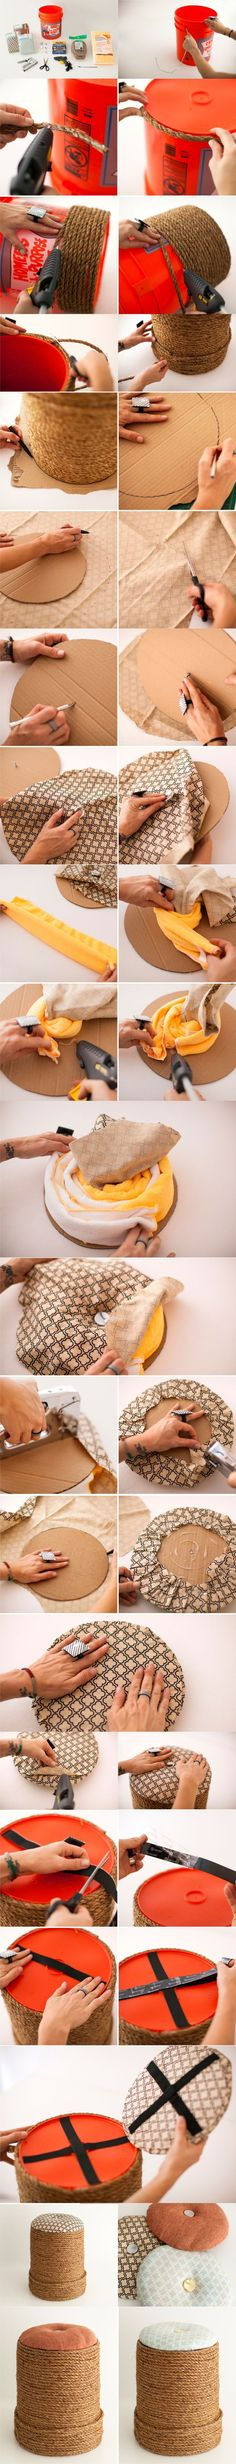 cesto - bordado con cuerda - cocina - baño